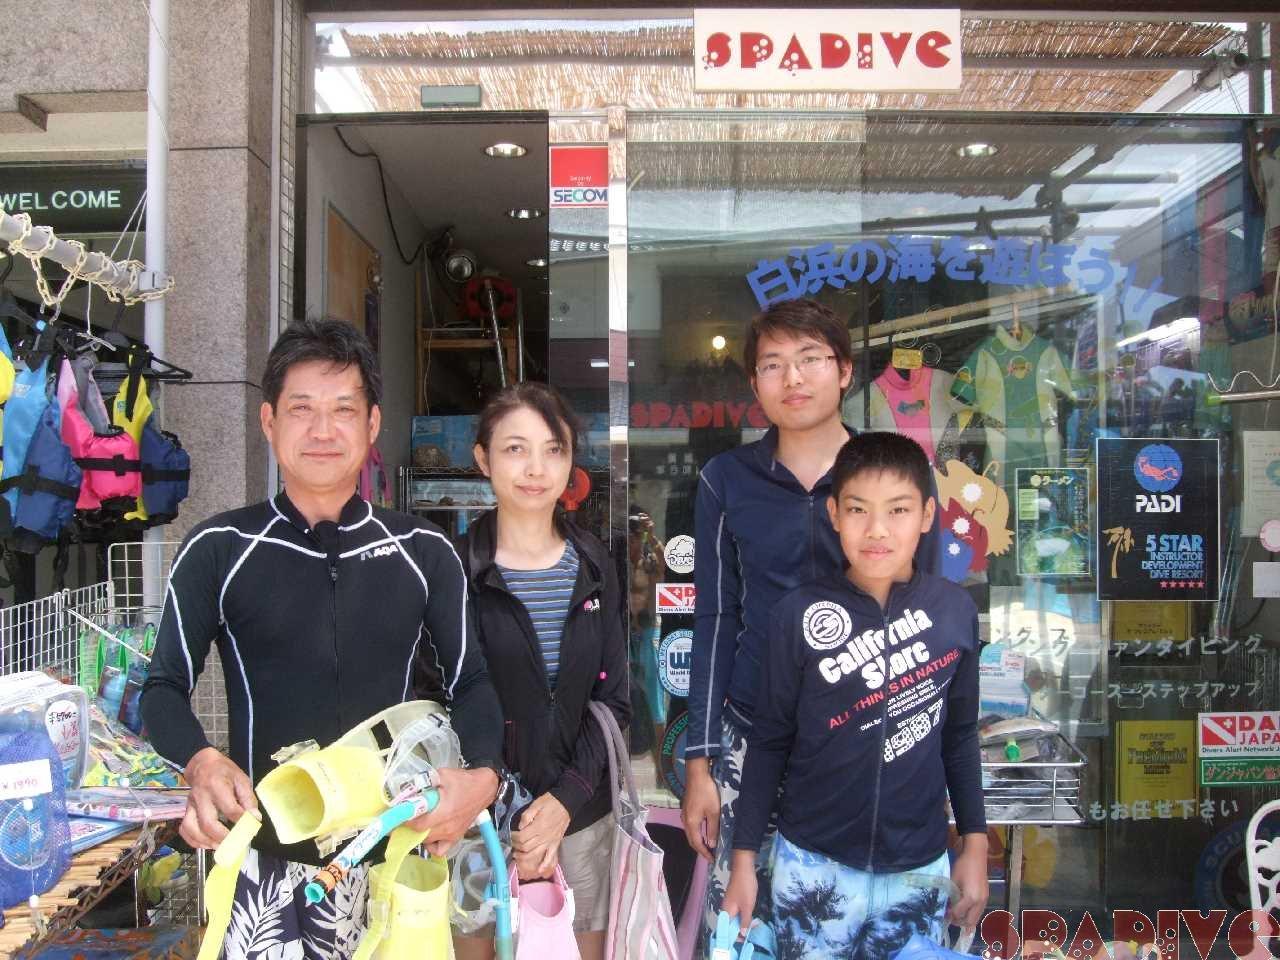 8/3/2012 体験スノーケリング